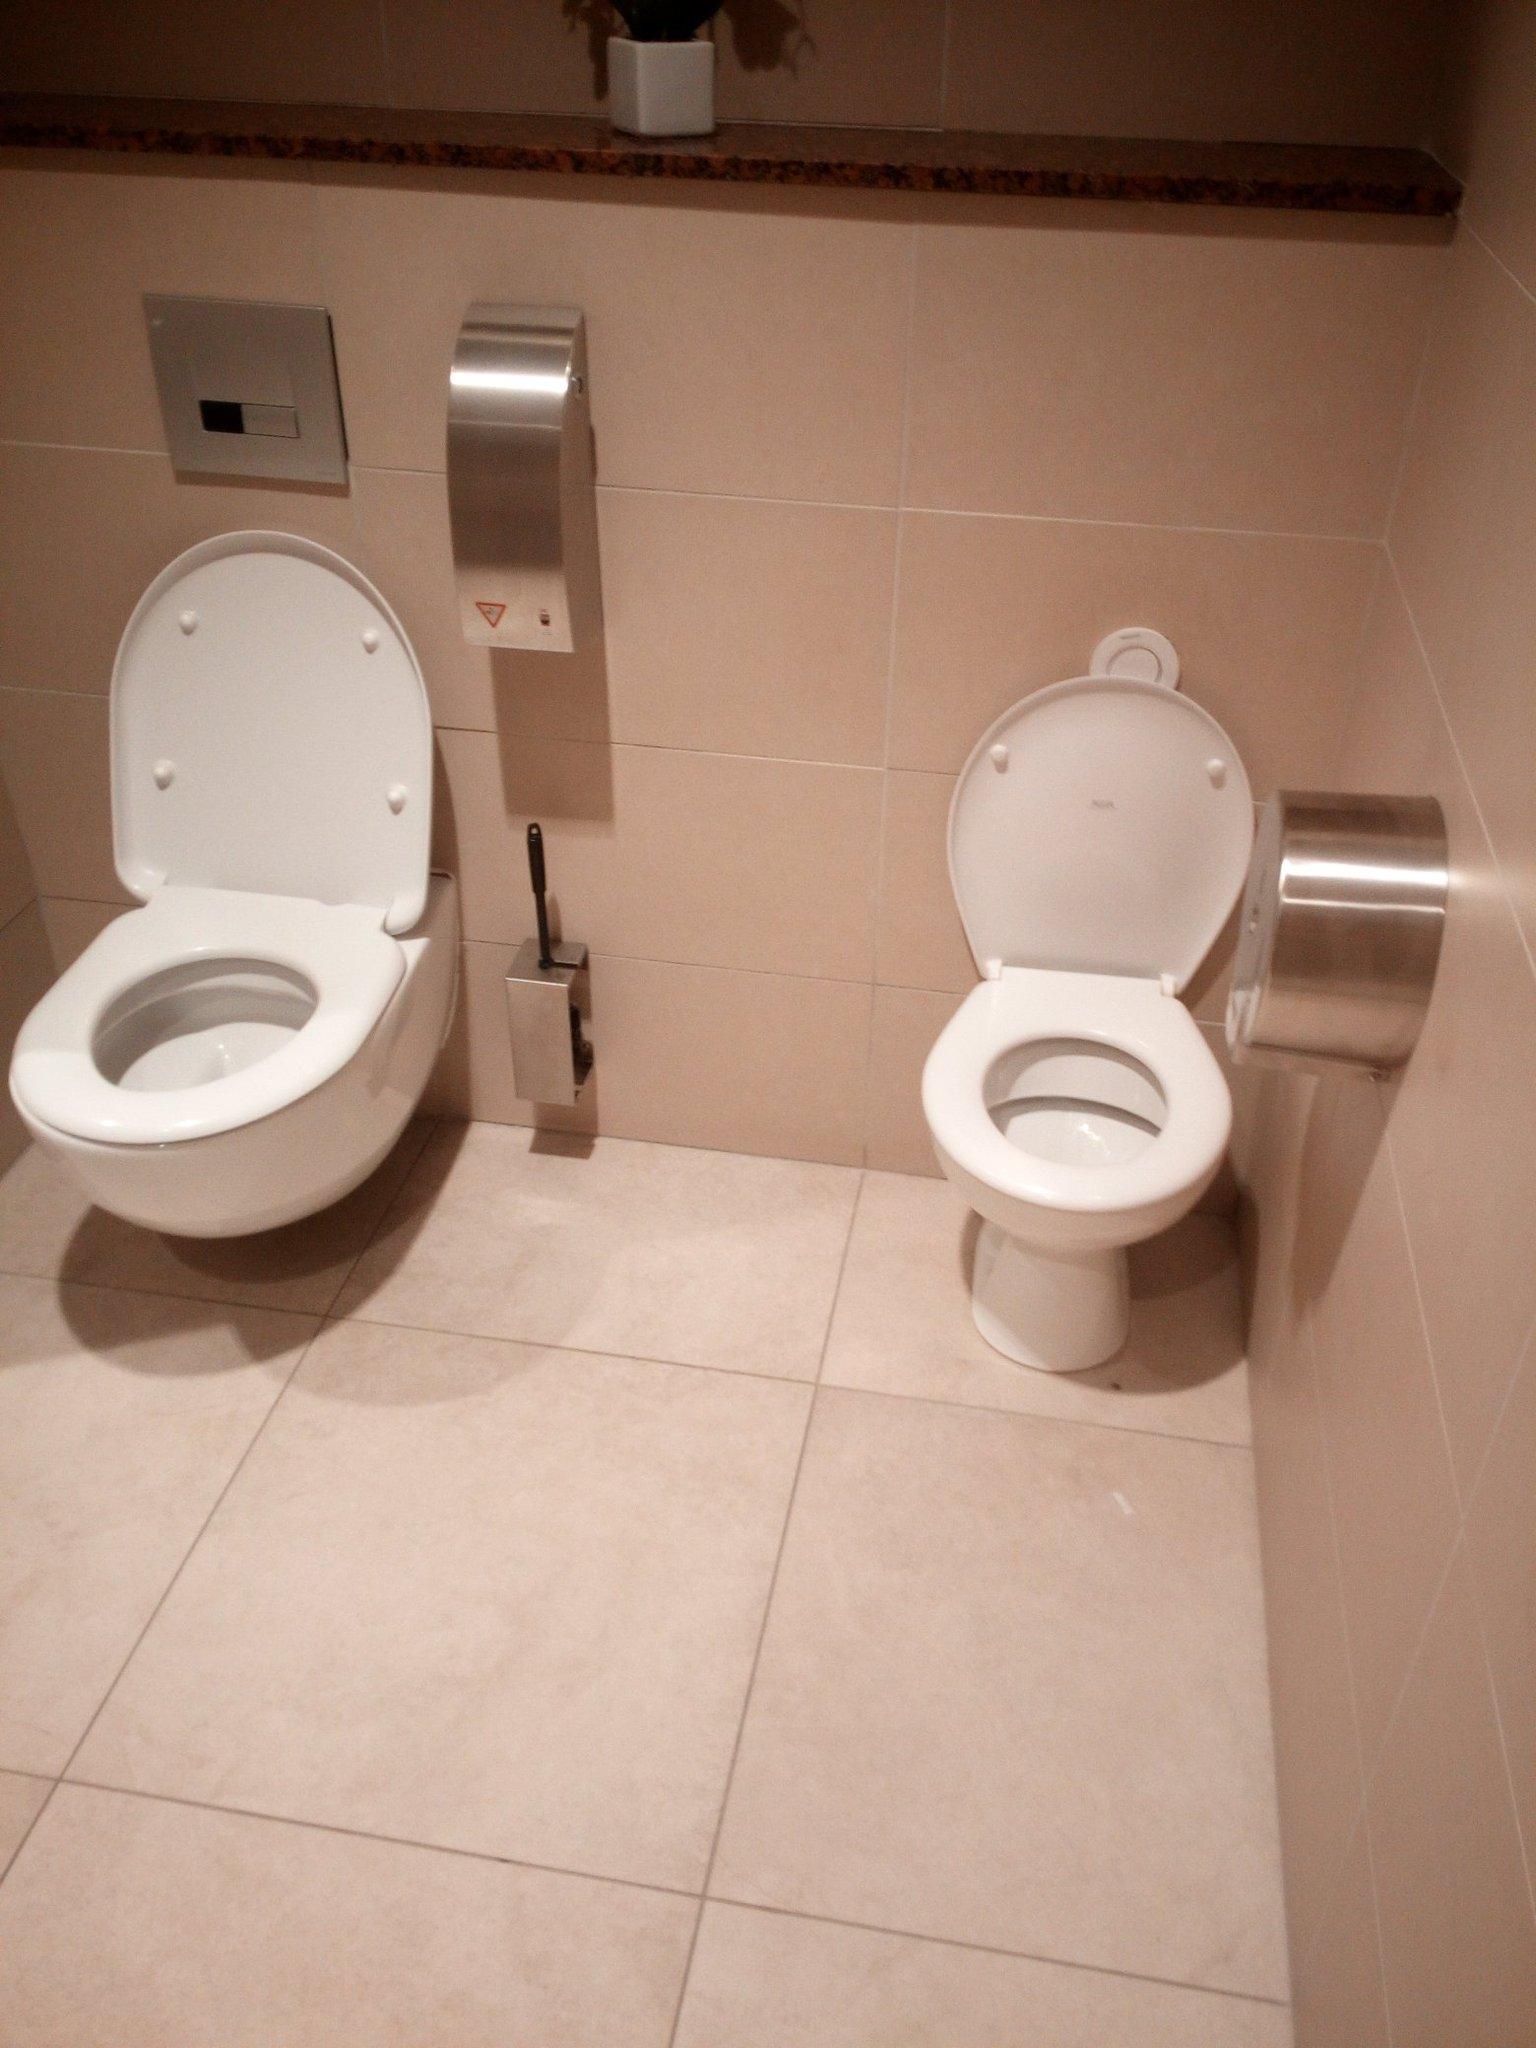 Toilette en coop - meme